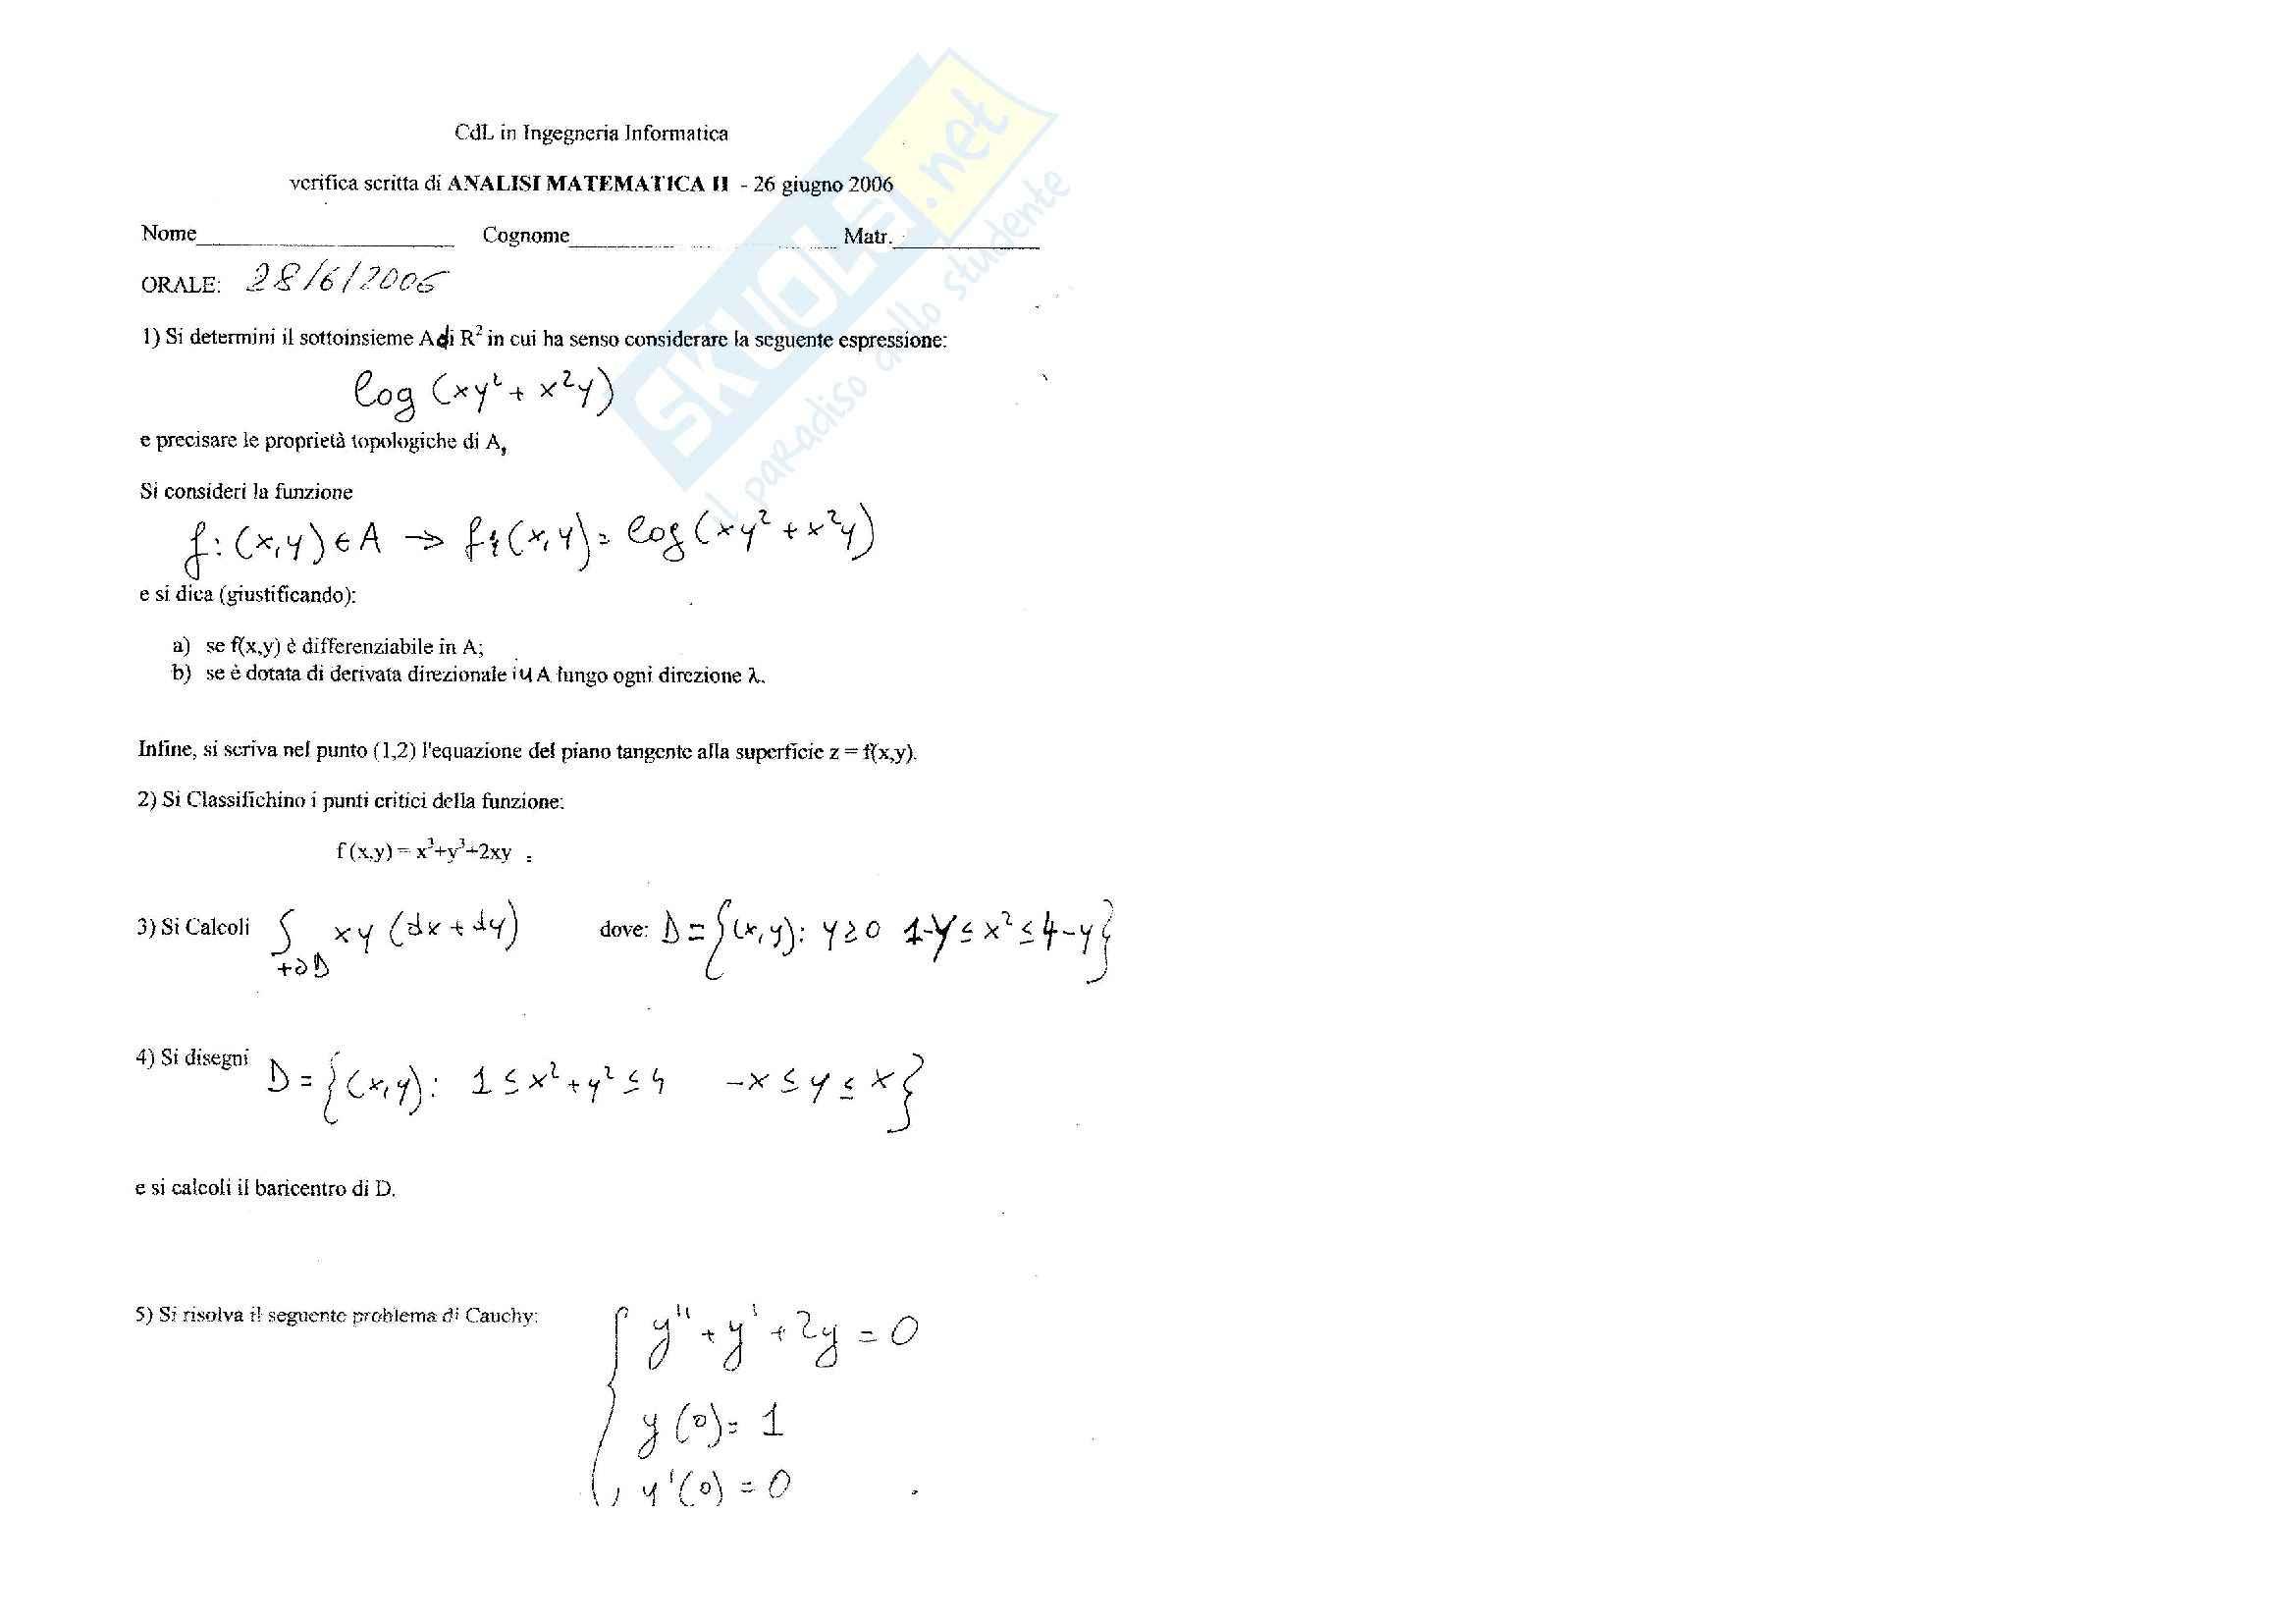 Analisi matematica 2 - Esercitazione